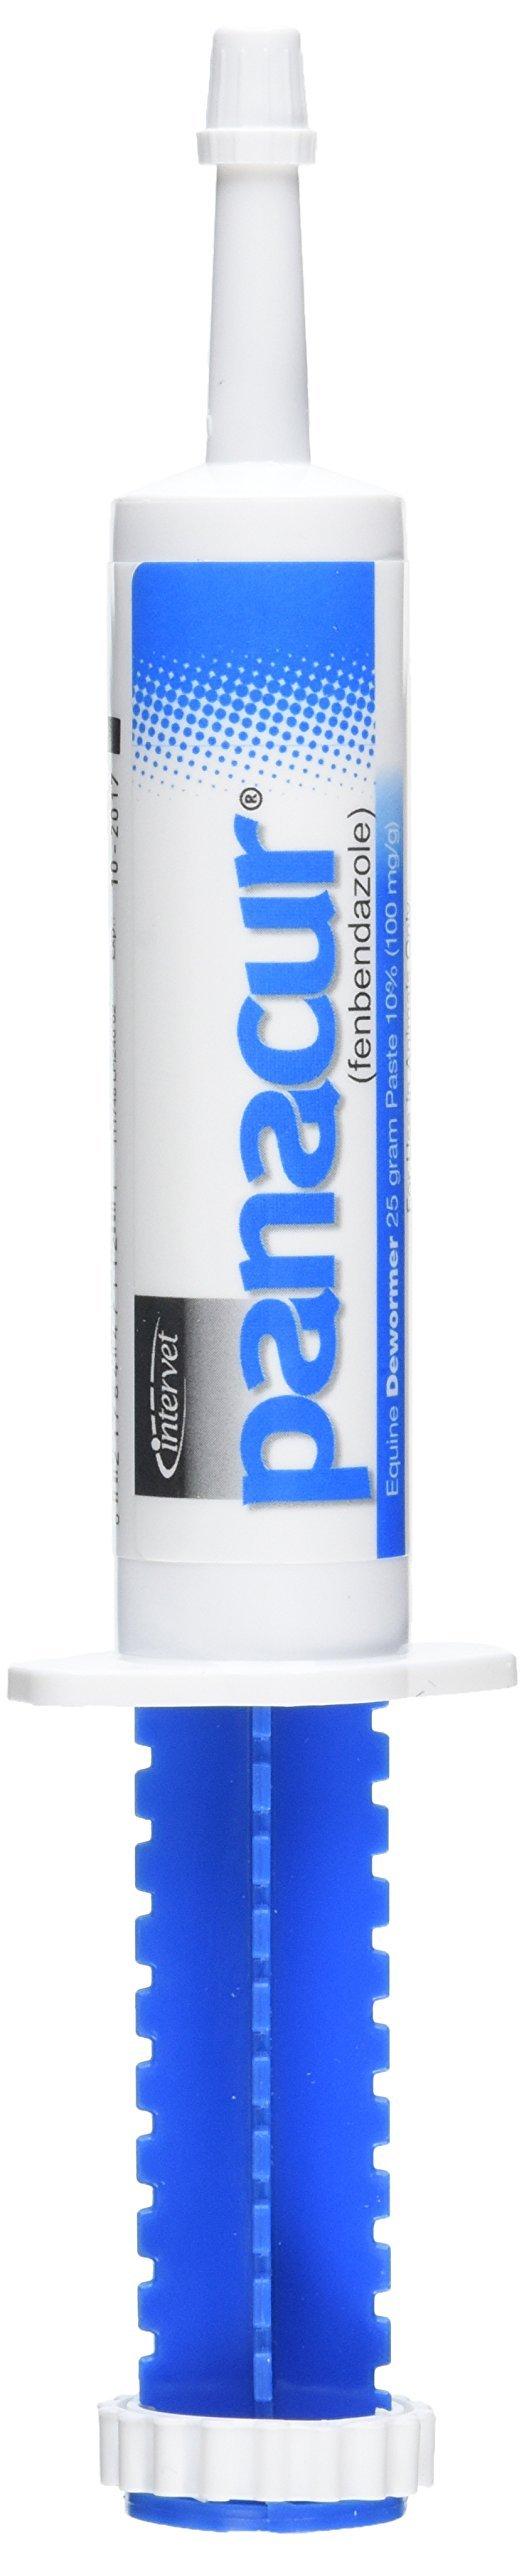 PANACUR DewormerHORSEPASTE10%, 100mg